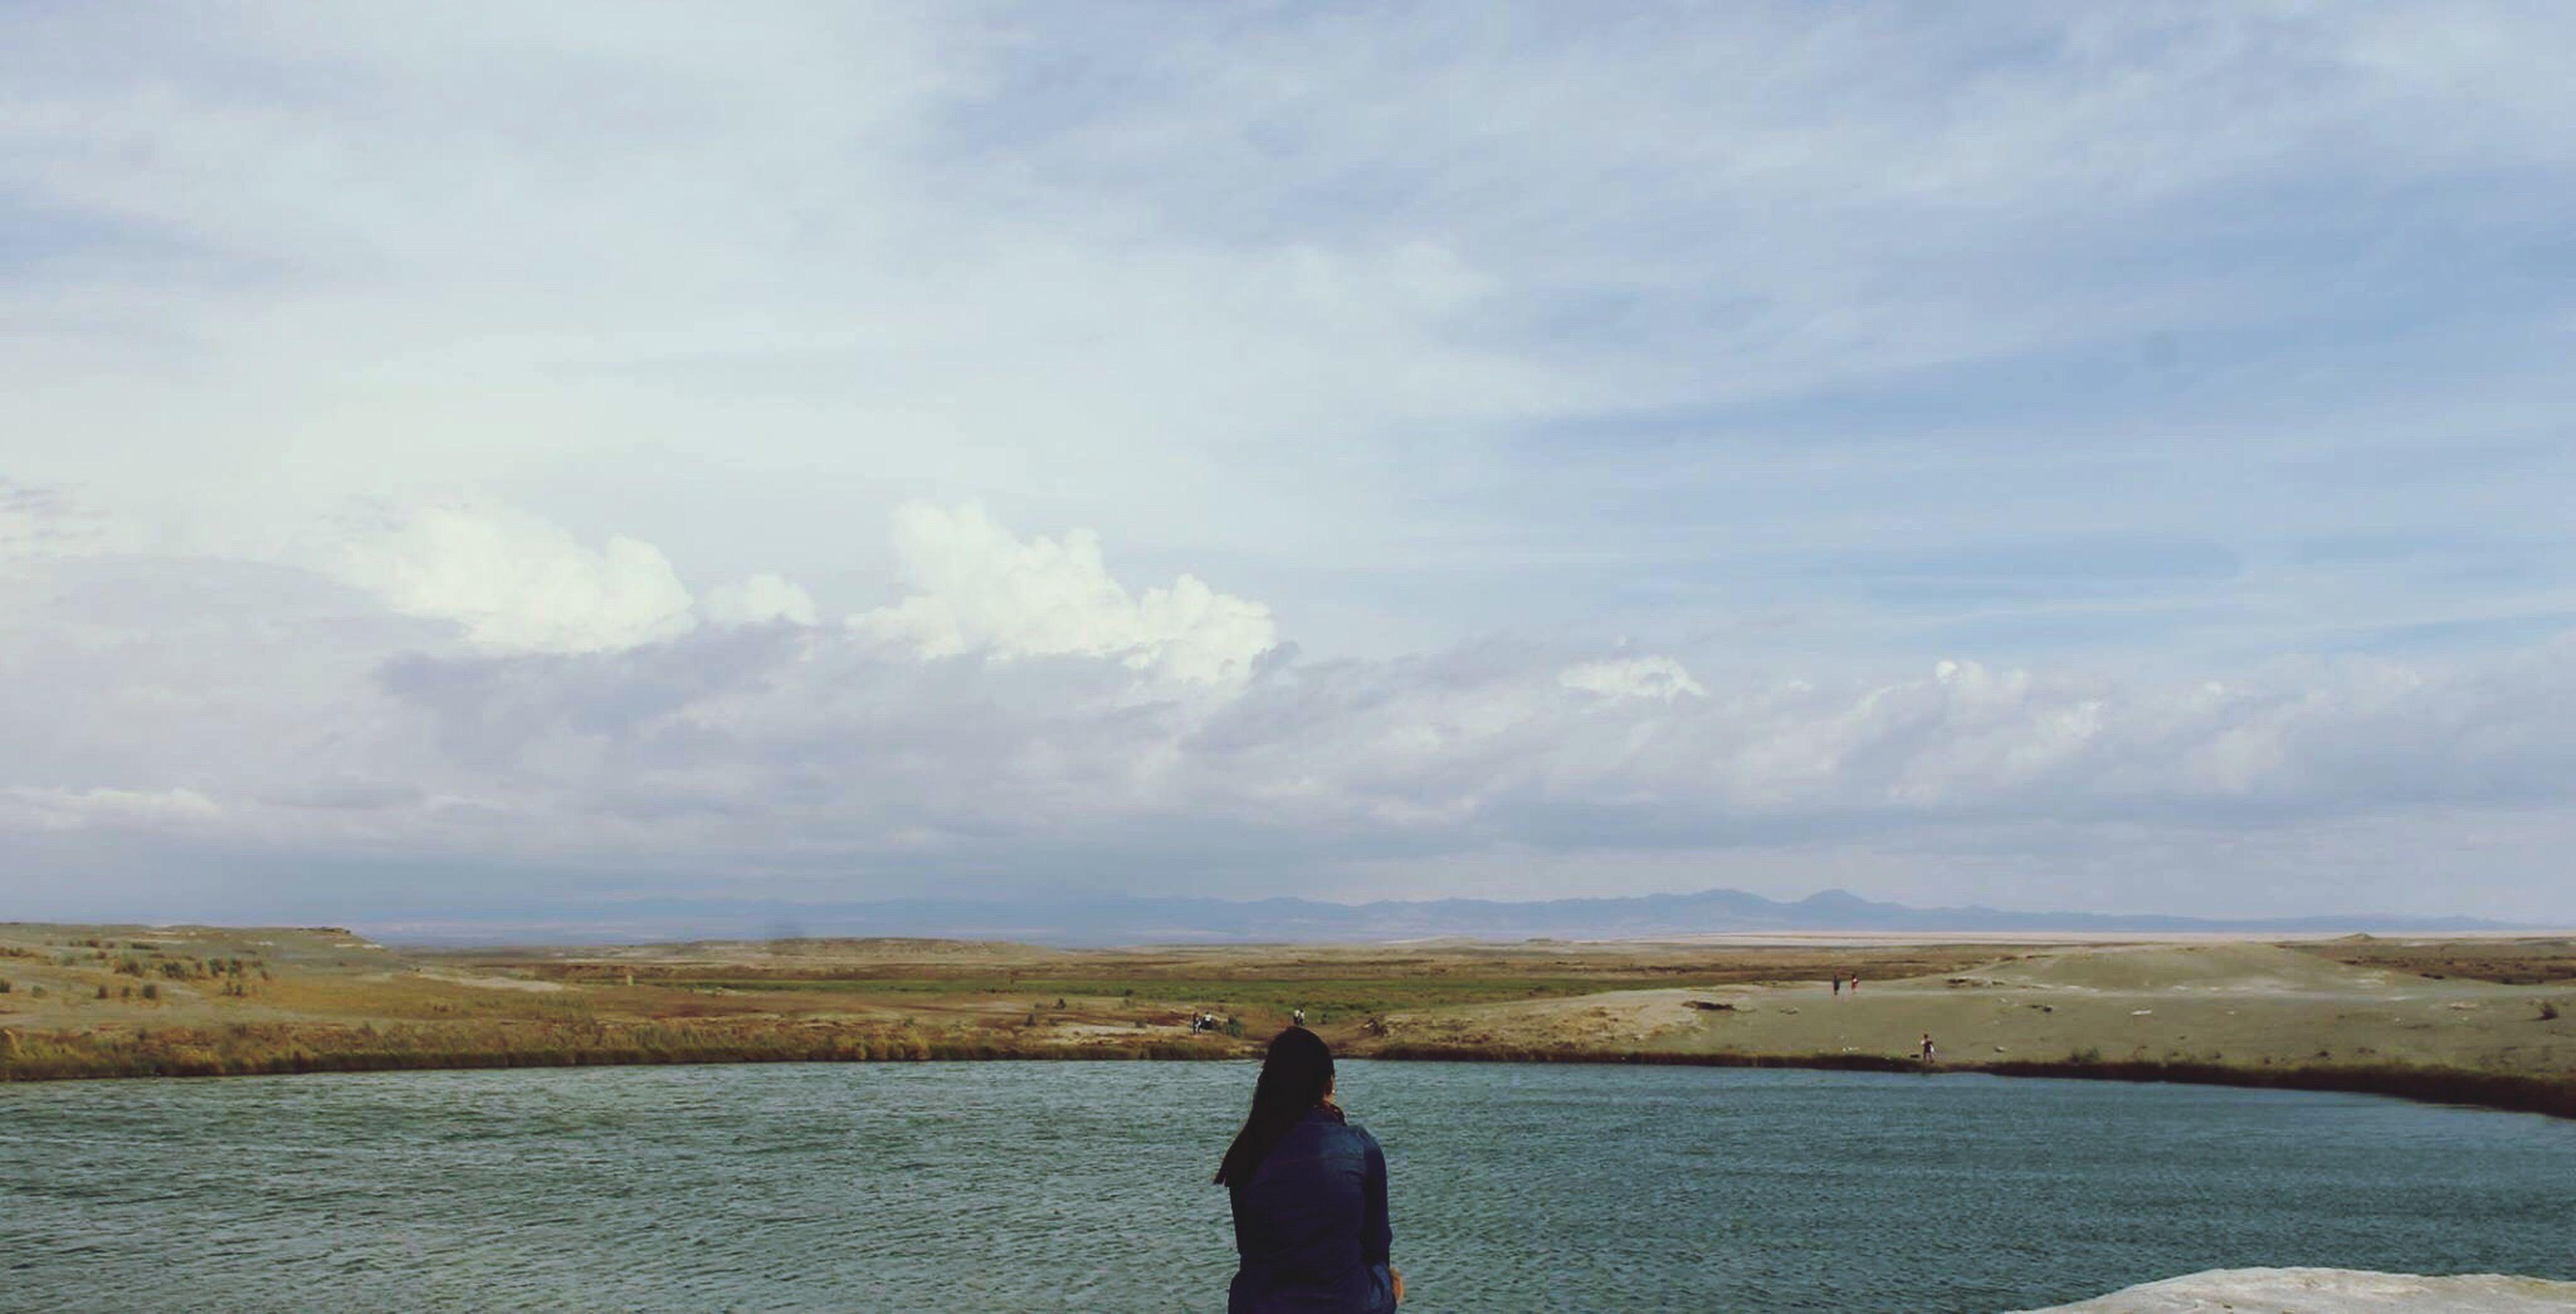 Lagunaelinka Sanpedro Laguna Inkakoya Ojodemar